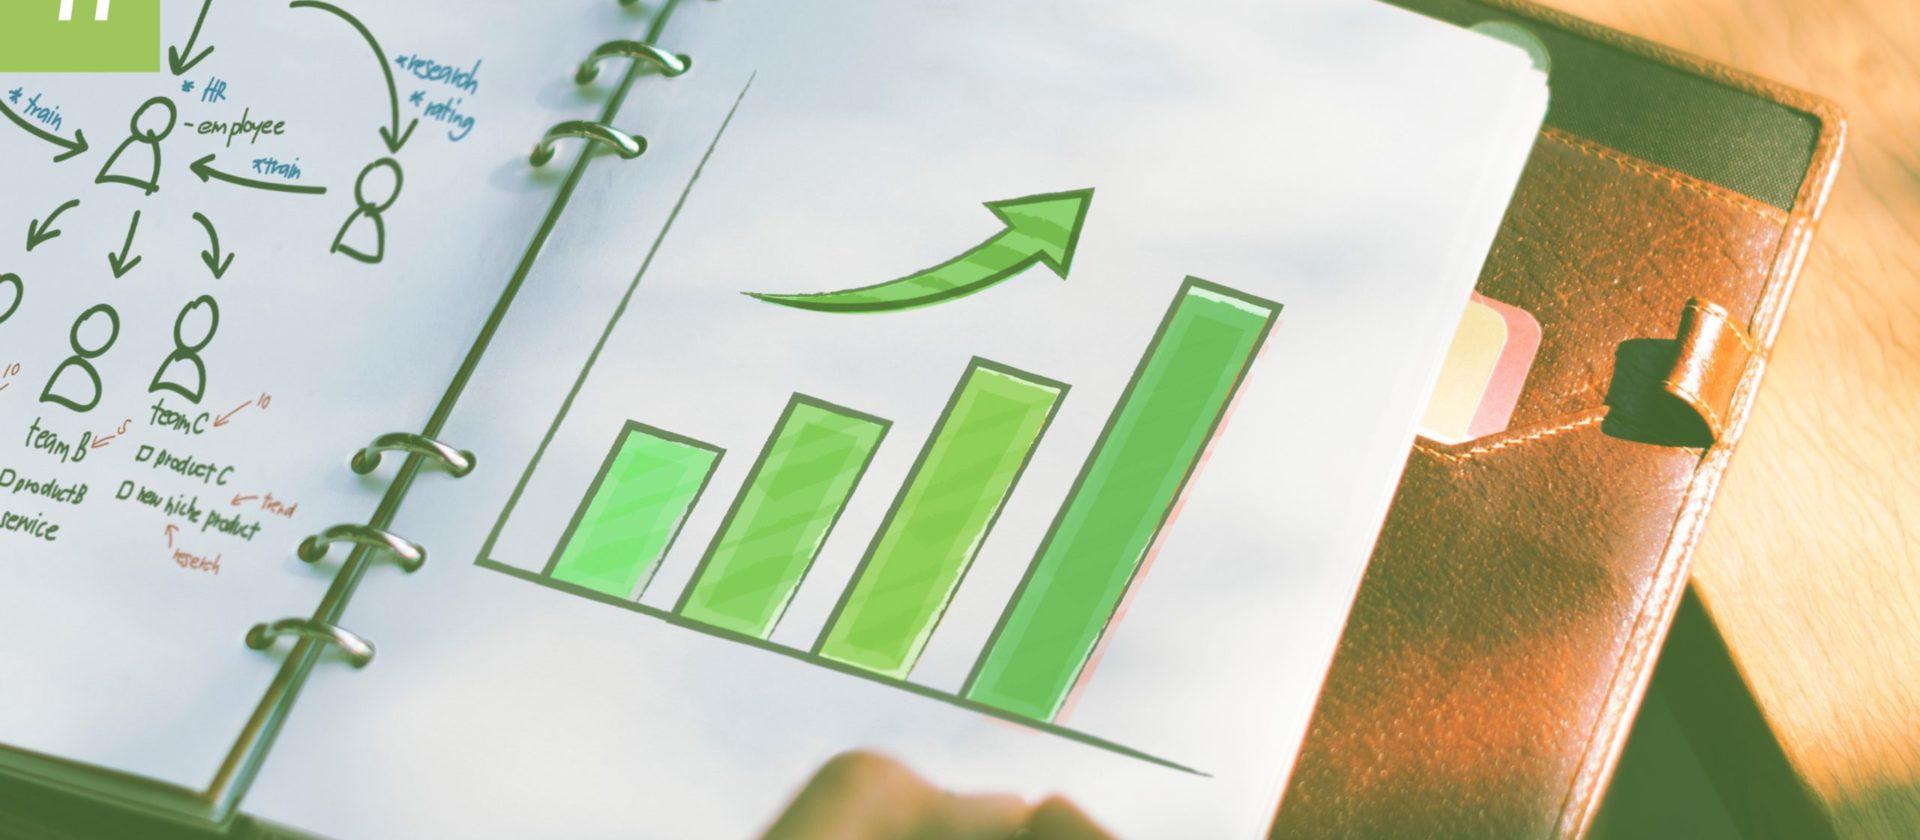 Internationaler Webshop – 40% Umsatzsteigerung erzielen! 1/2